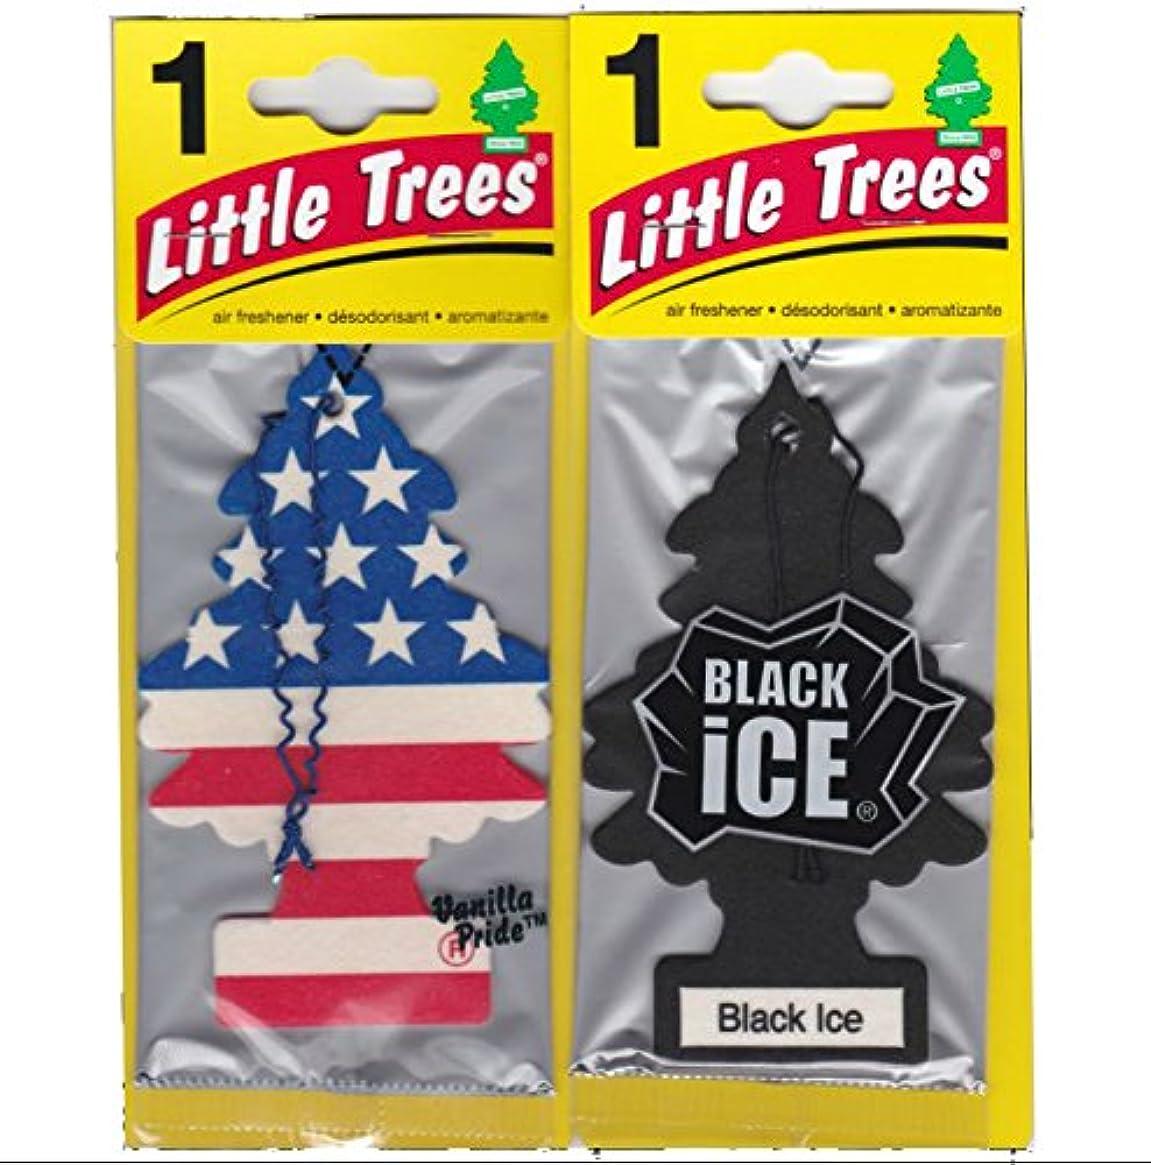 ジャンク辛な予見するLittle Trees 吊下げ式 芳香剤 エアーフレッシュナー ブラックアイス & バニラプライド [並行輸入品]